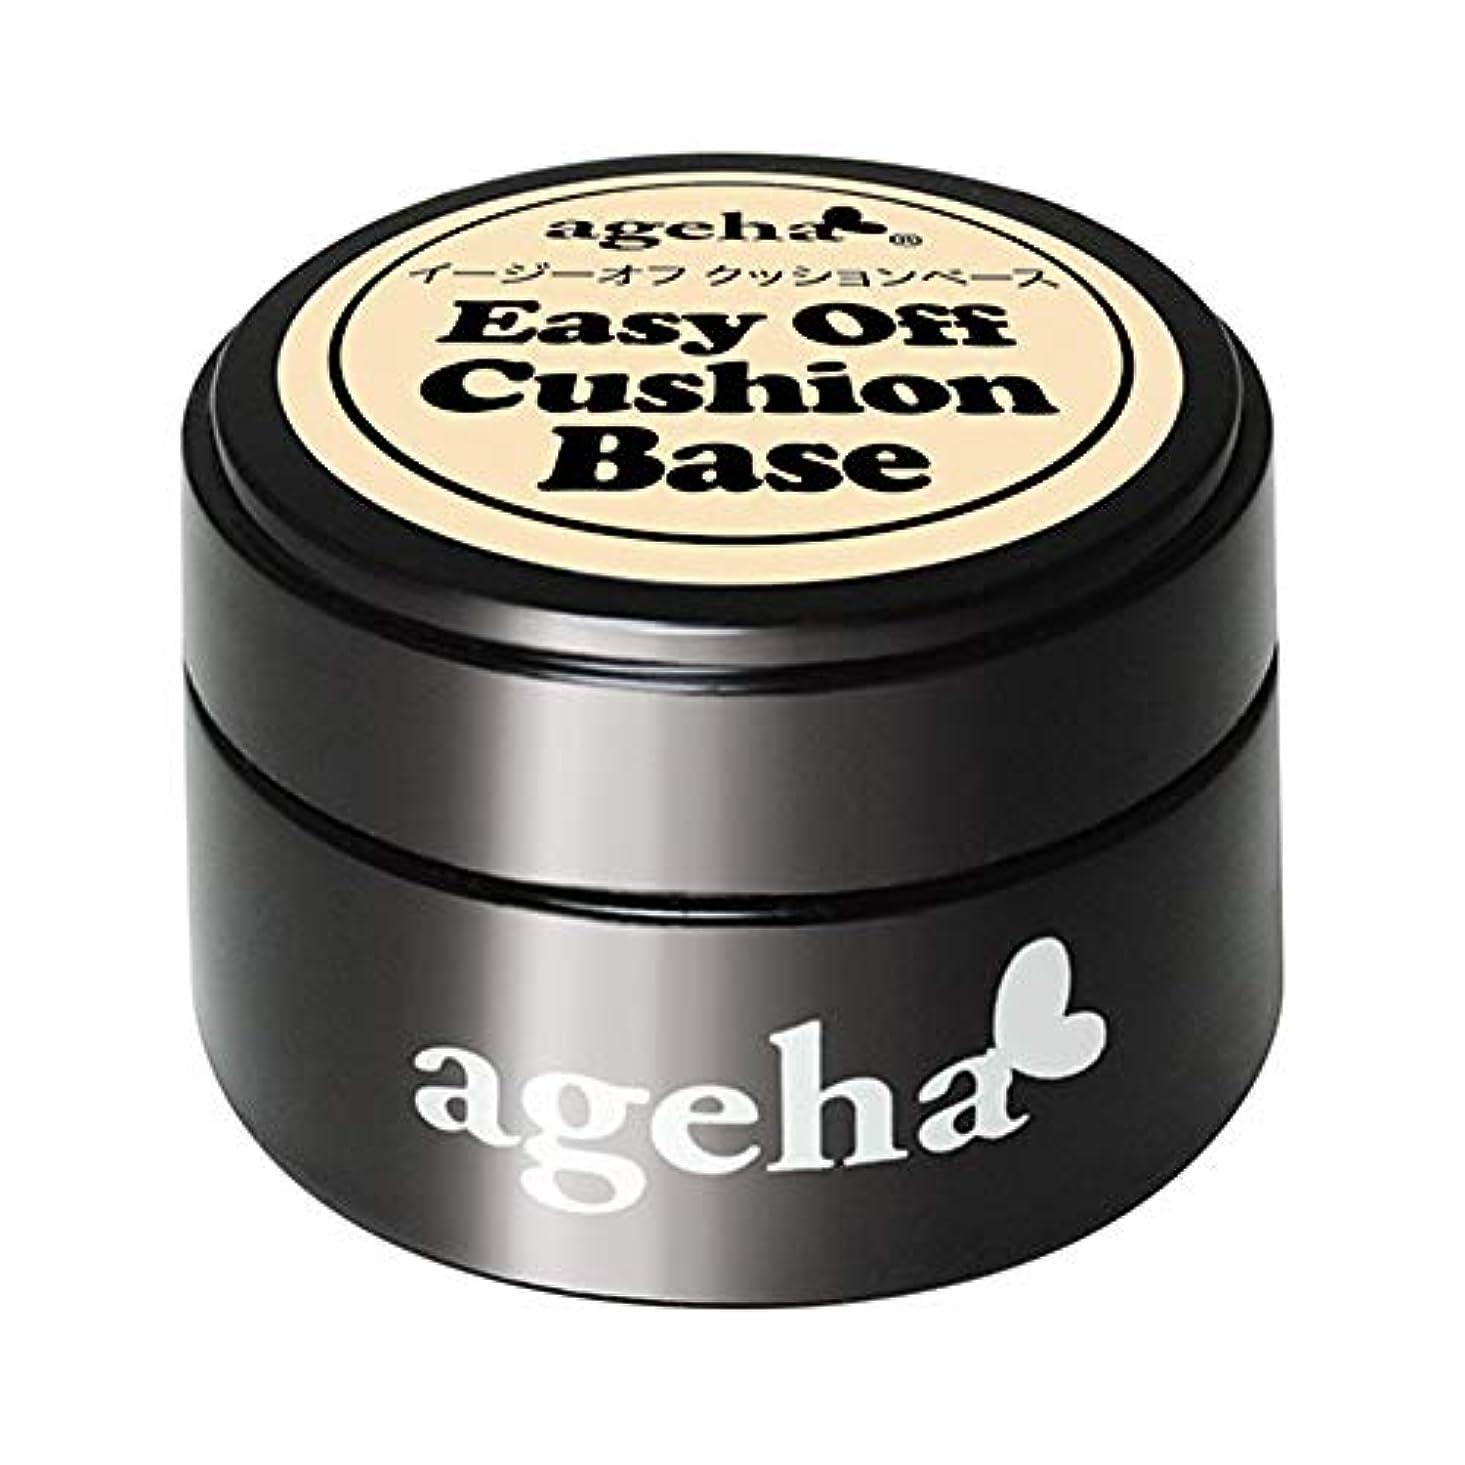 脆い終わり絵agehagel(アゲハジェル) ageha イージーオフ クッションベース 7.5g UV/LED対応 ジェルネイル